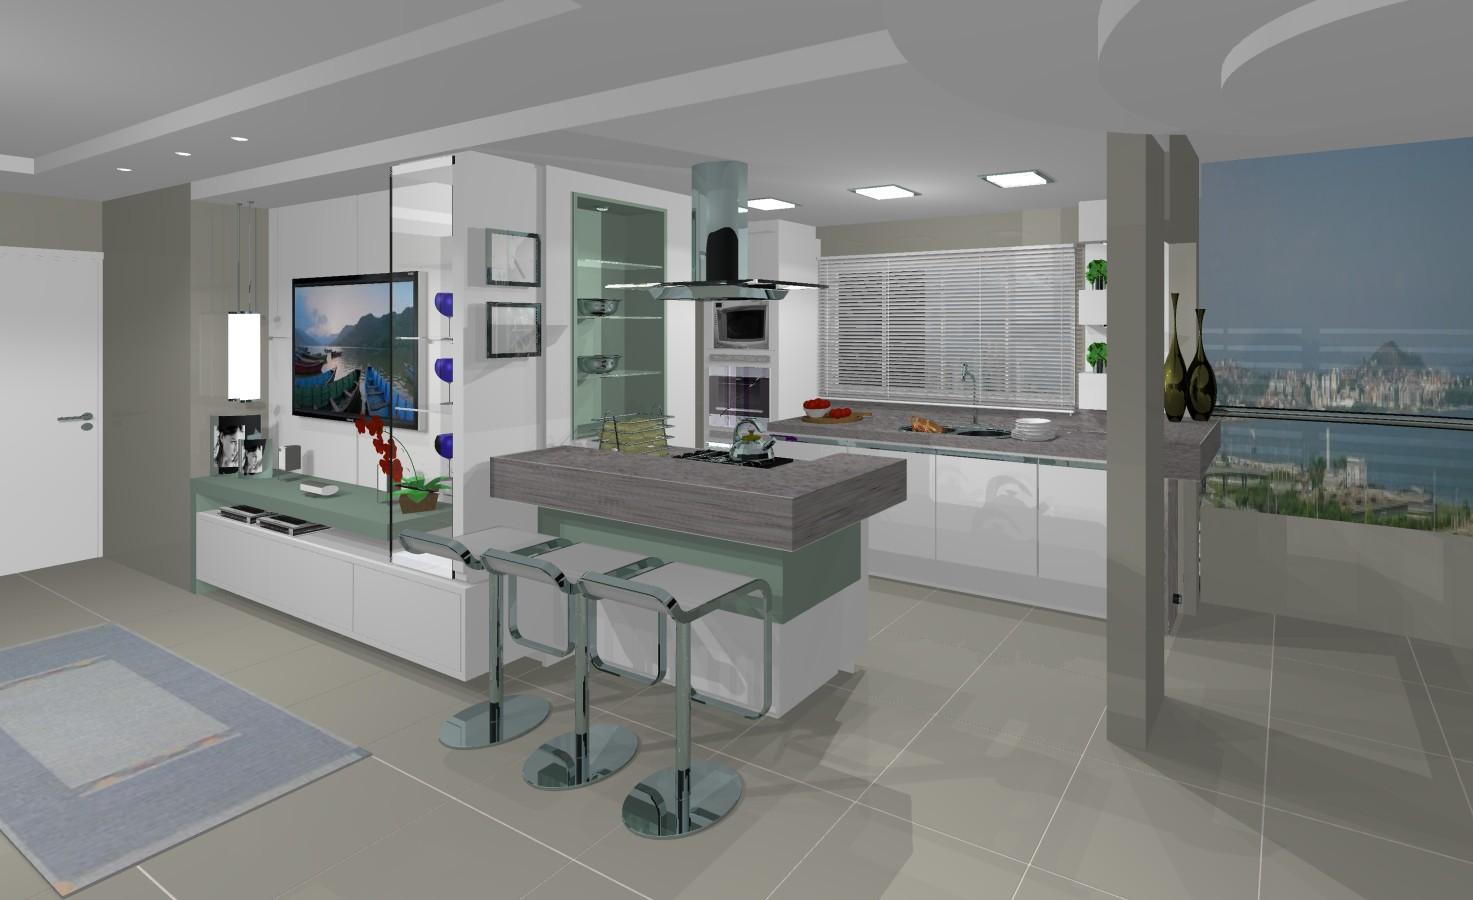 design de interiores #364667 1473 900